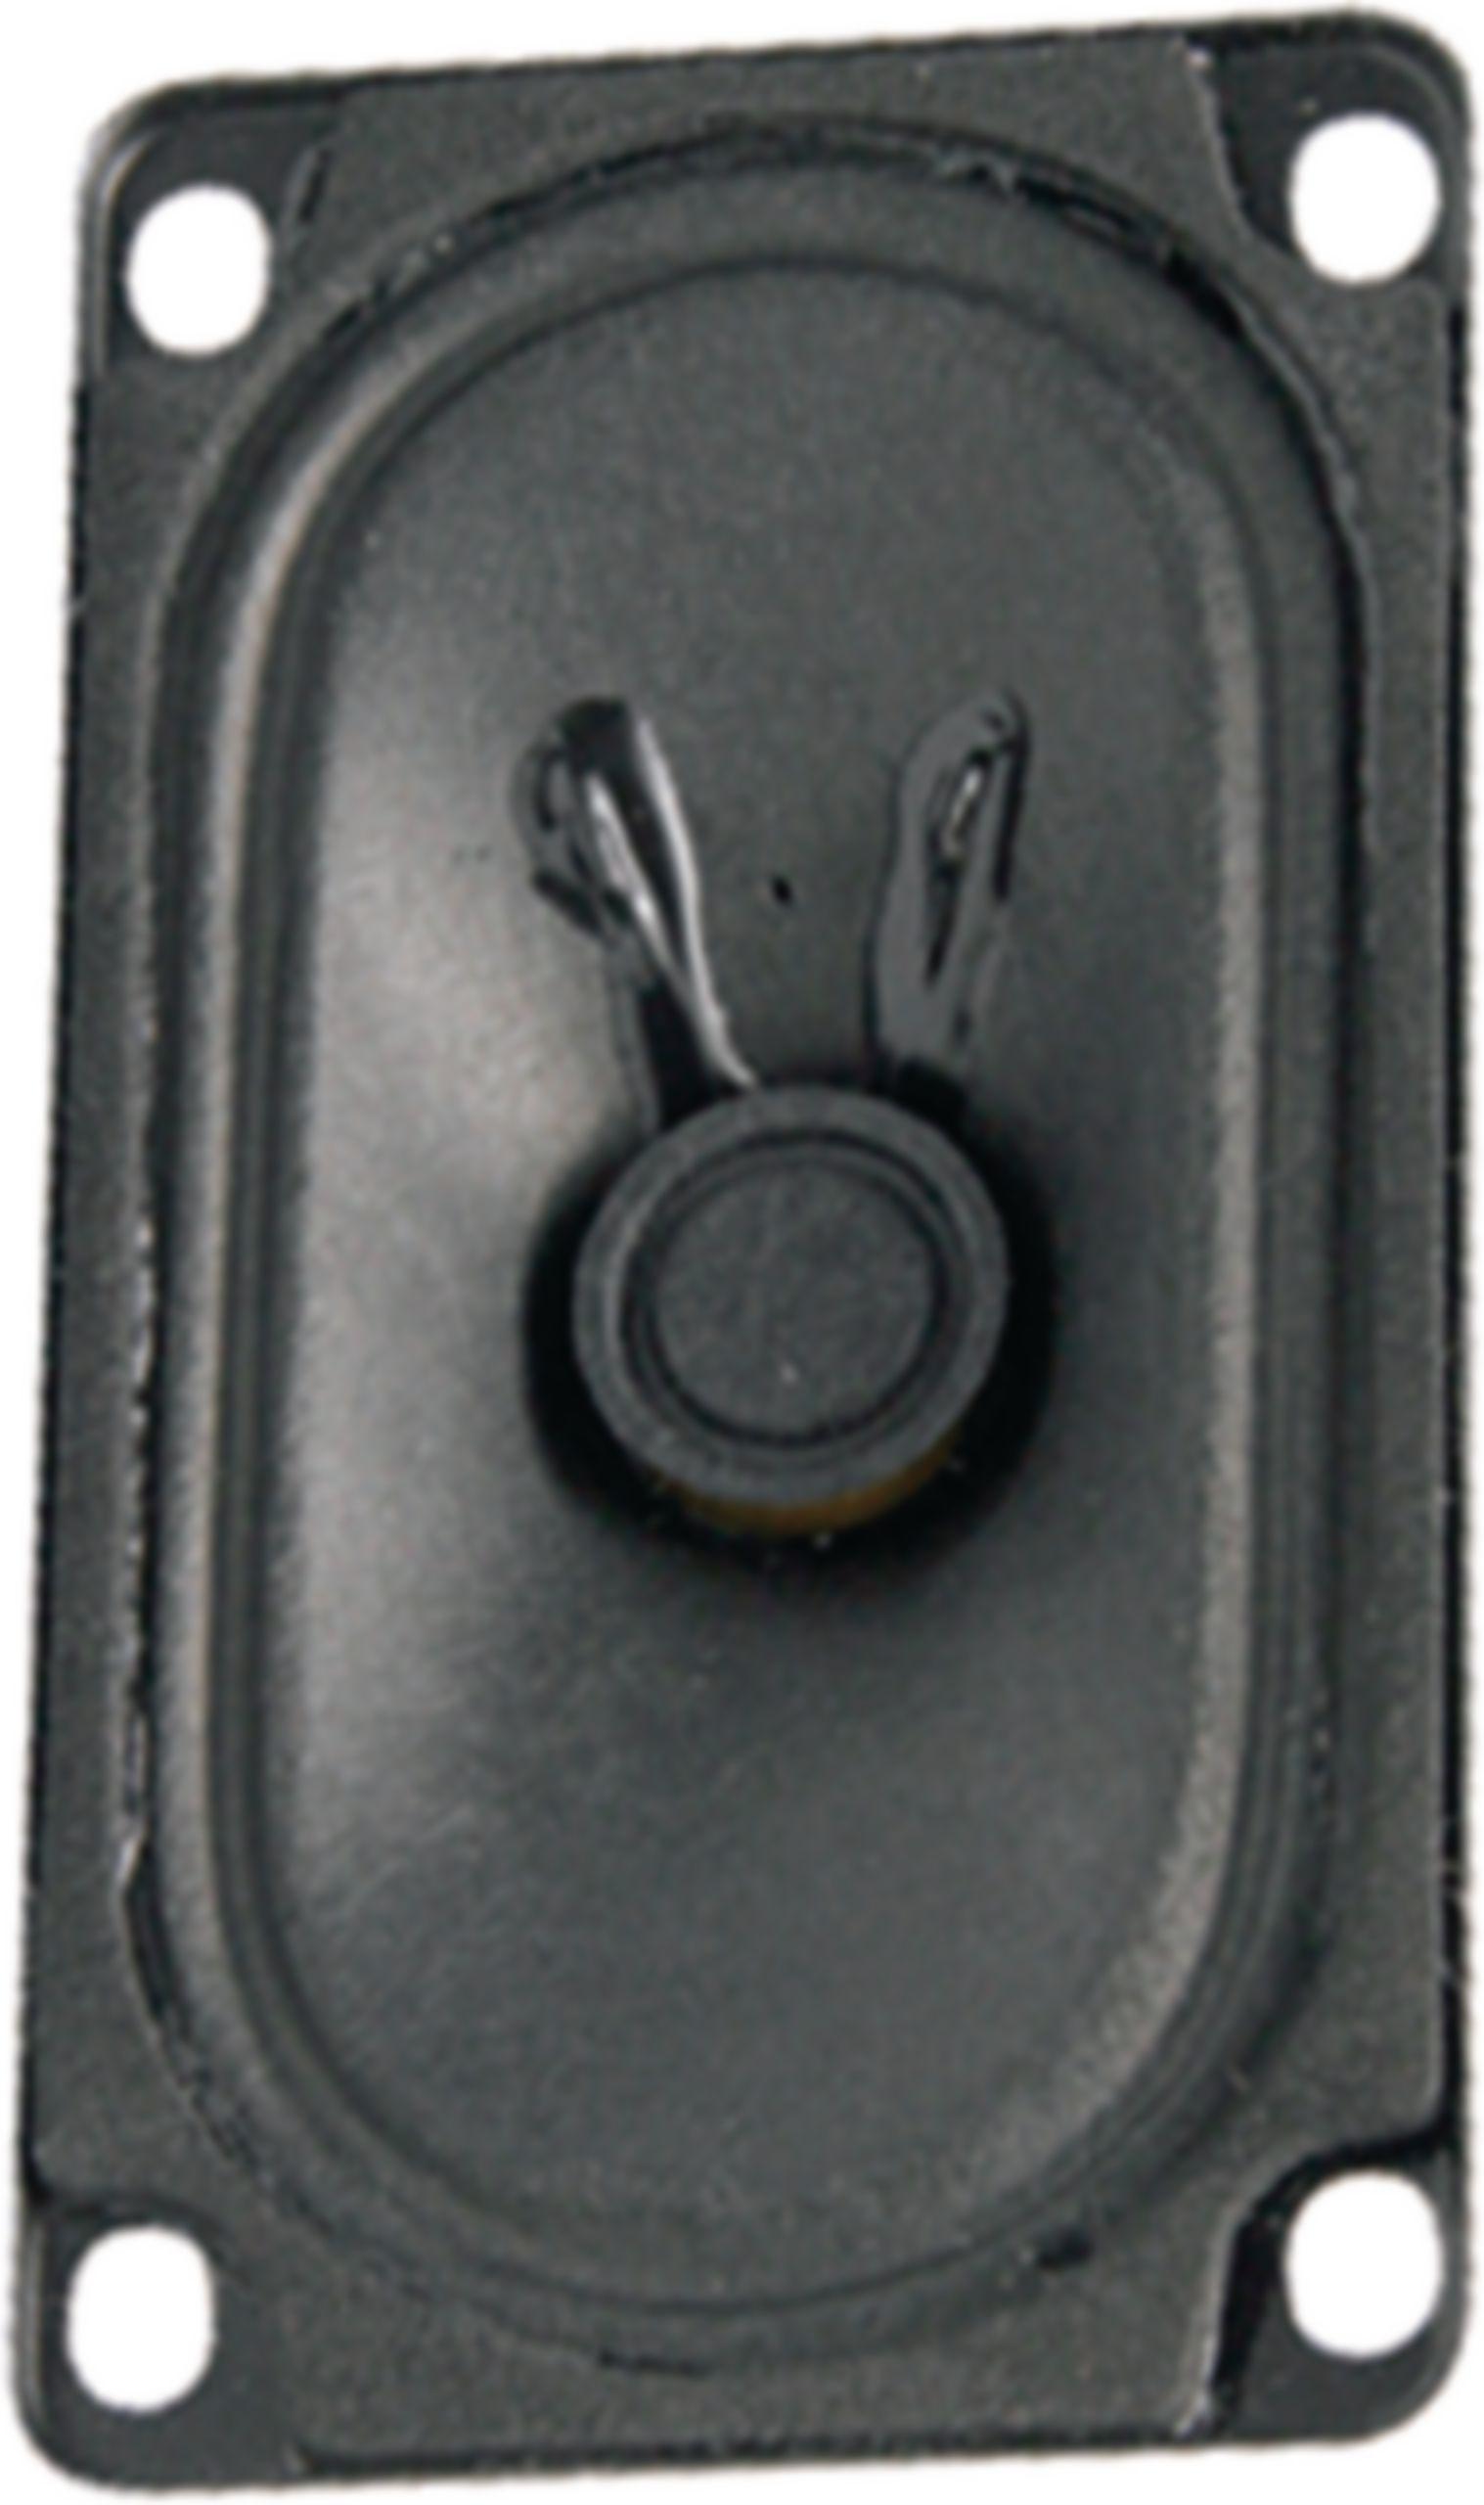 Širokopásmový oválný reproduktor 4 Ohm 4 W Visaton, VS-SC5.9ND/4